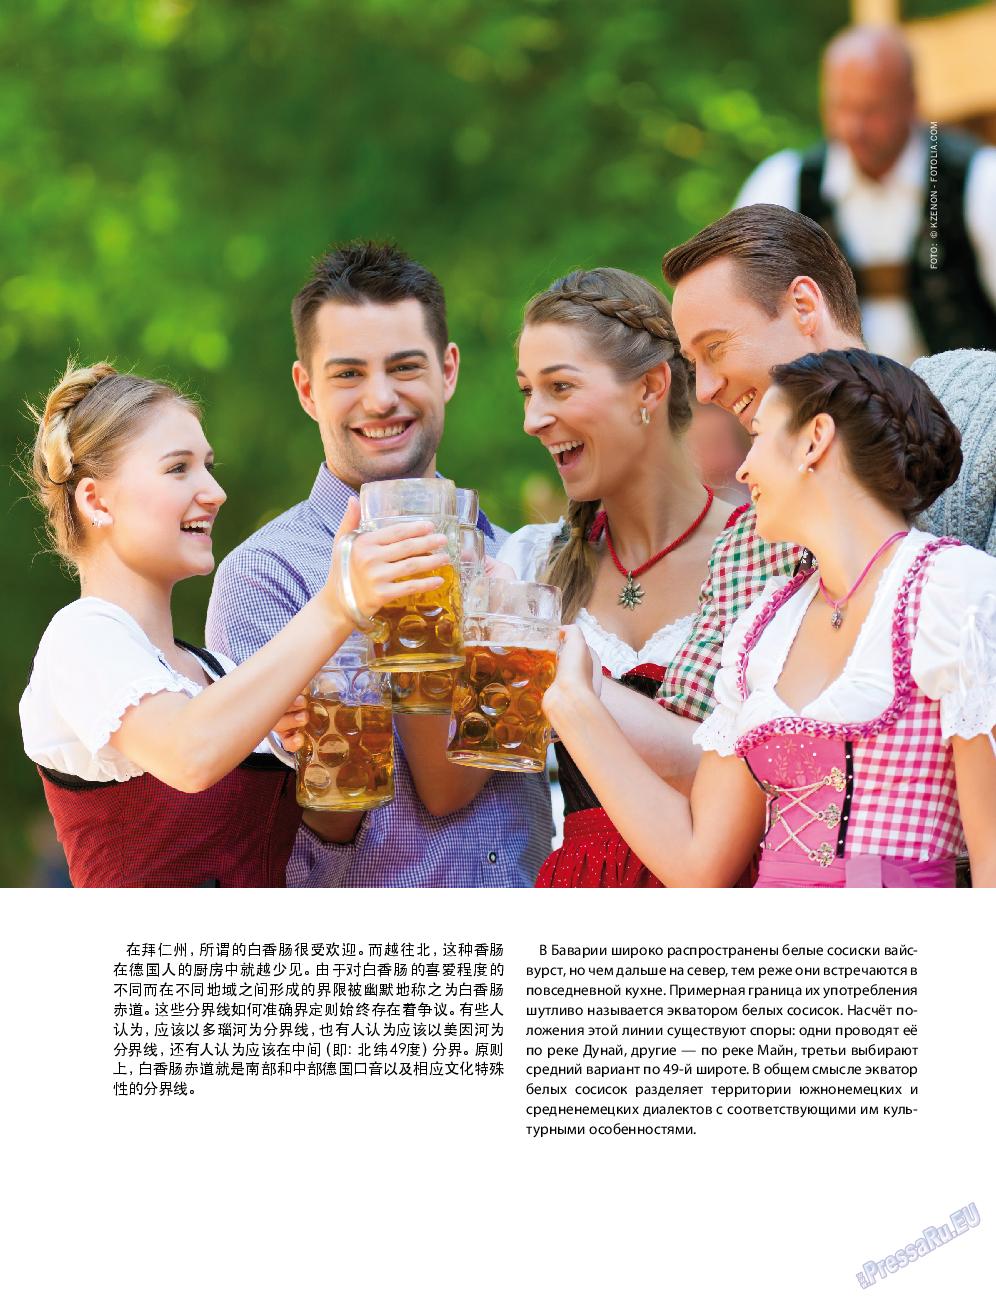 Клан (журнал). 2014 год, номер 7, стр. 83